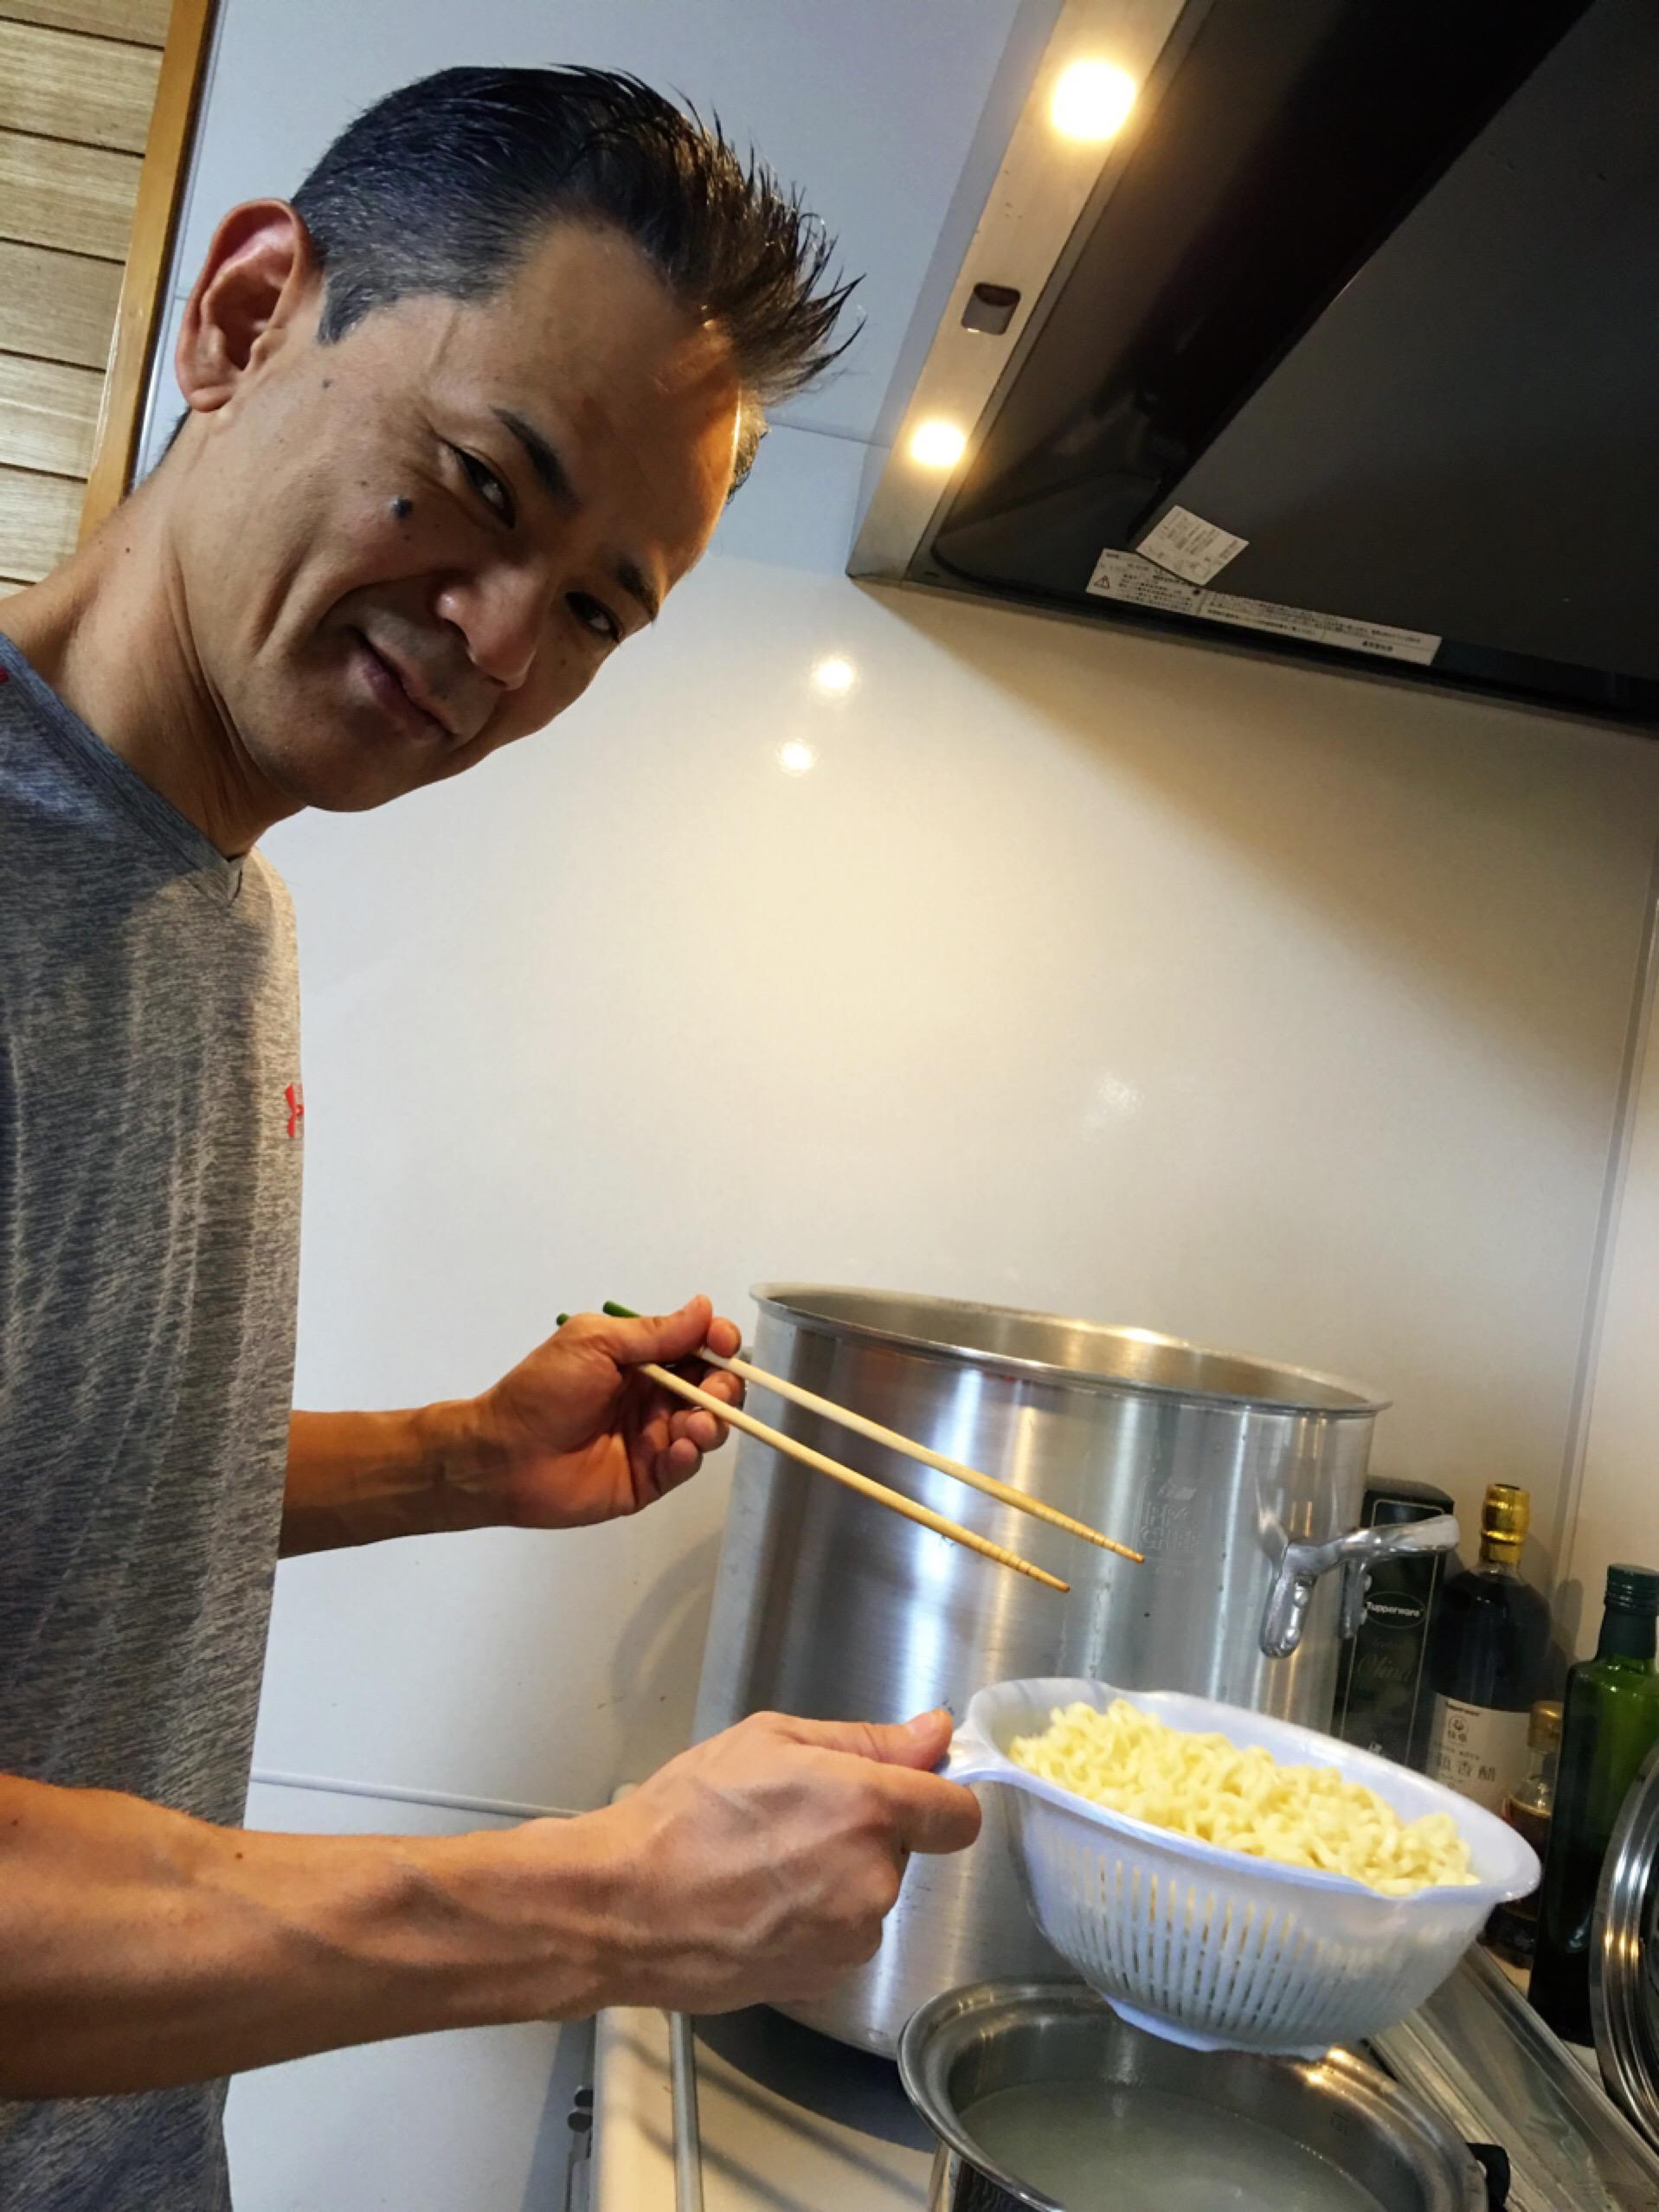 先生お手製 『黄金そば』✨登場❣️ 野菜の下味を基本に 豚骨ベースに鰹で仕上げる。 何時間もかけてじっくりと丁寧に煮込むんです。 まさに黄金✨の味❣️